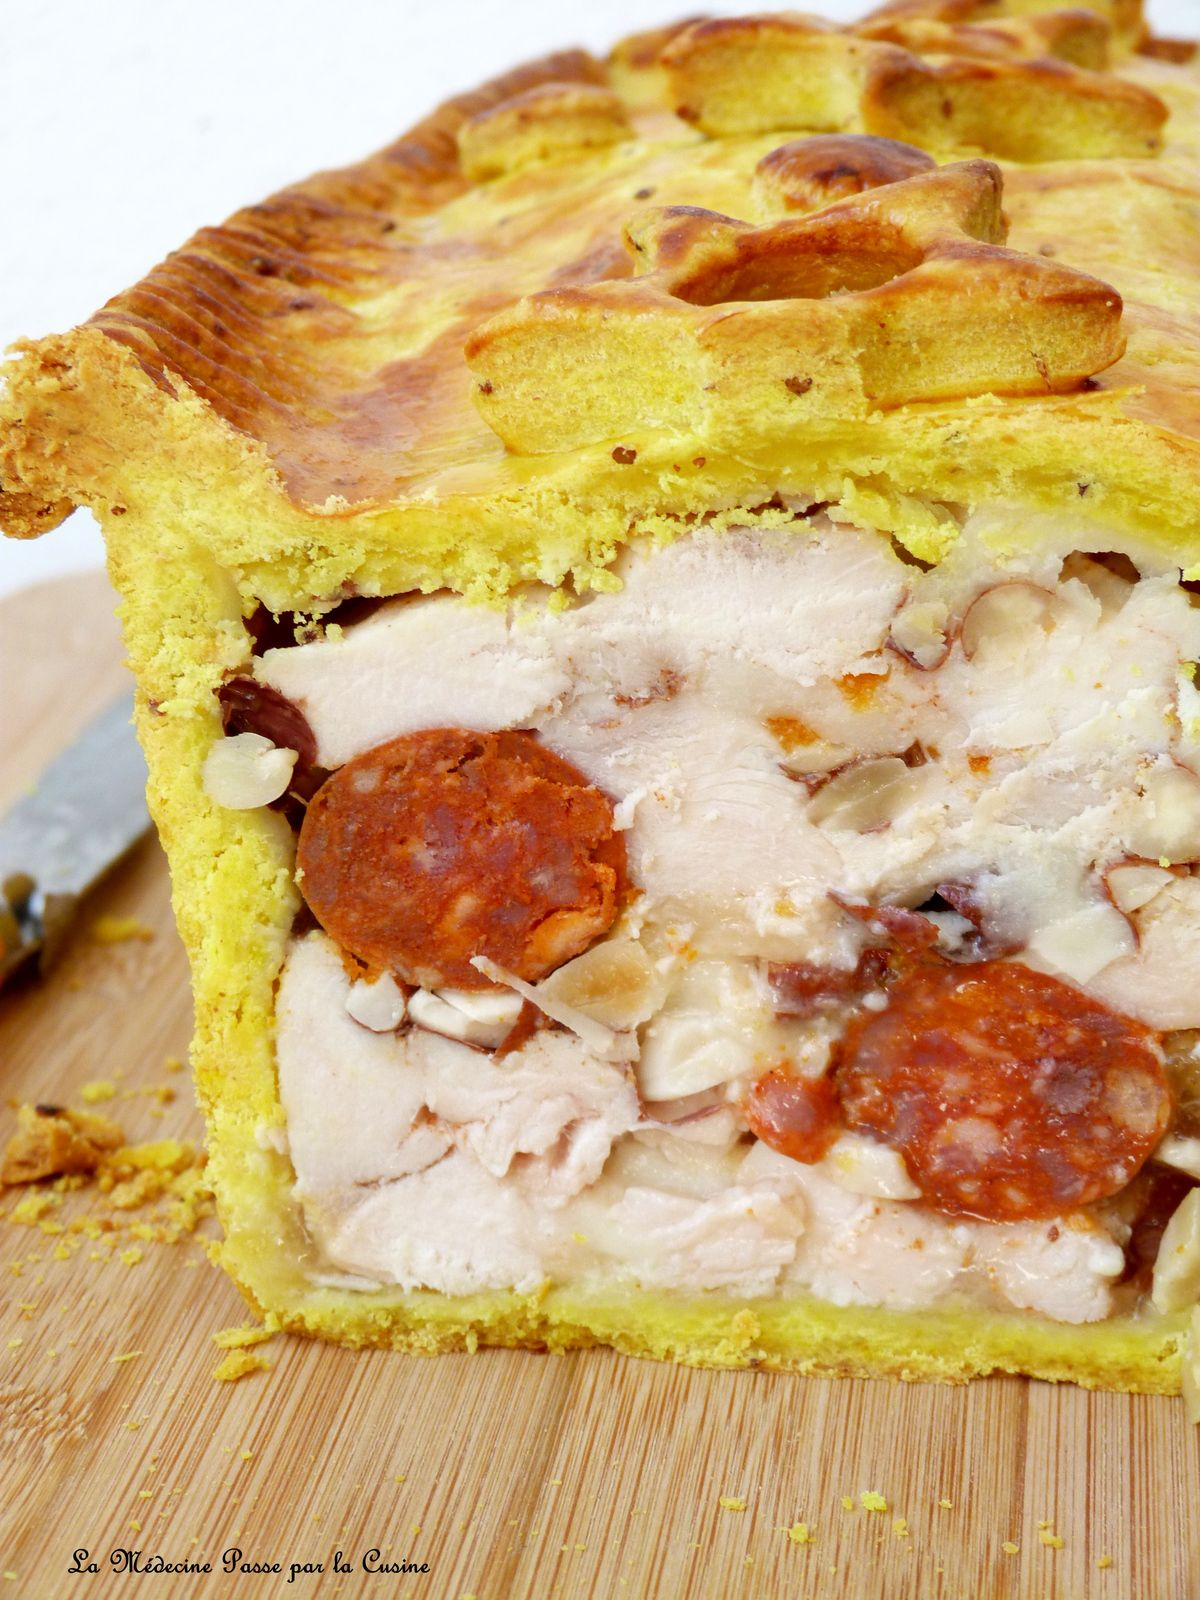 Pâté croute Olé-Olé